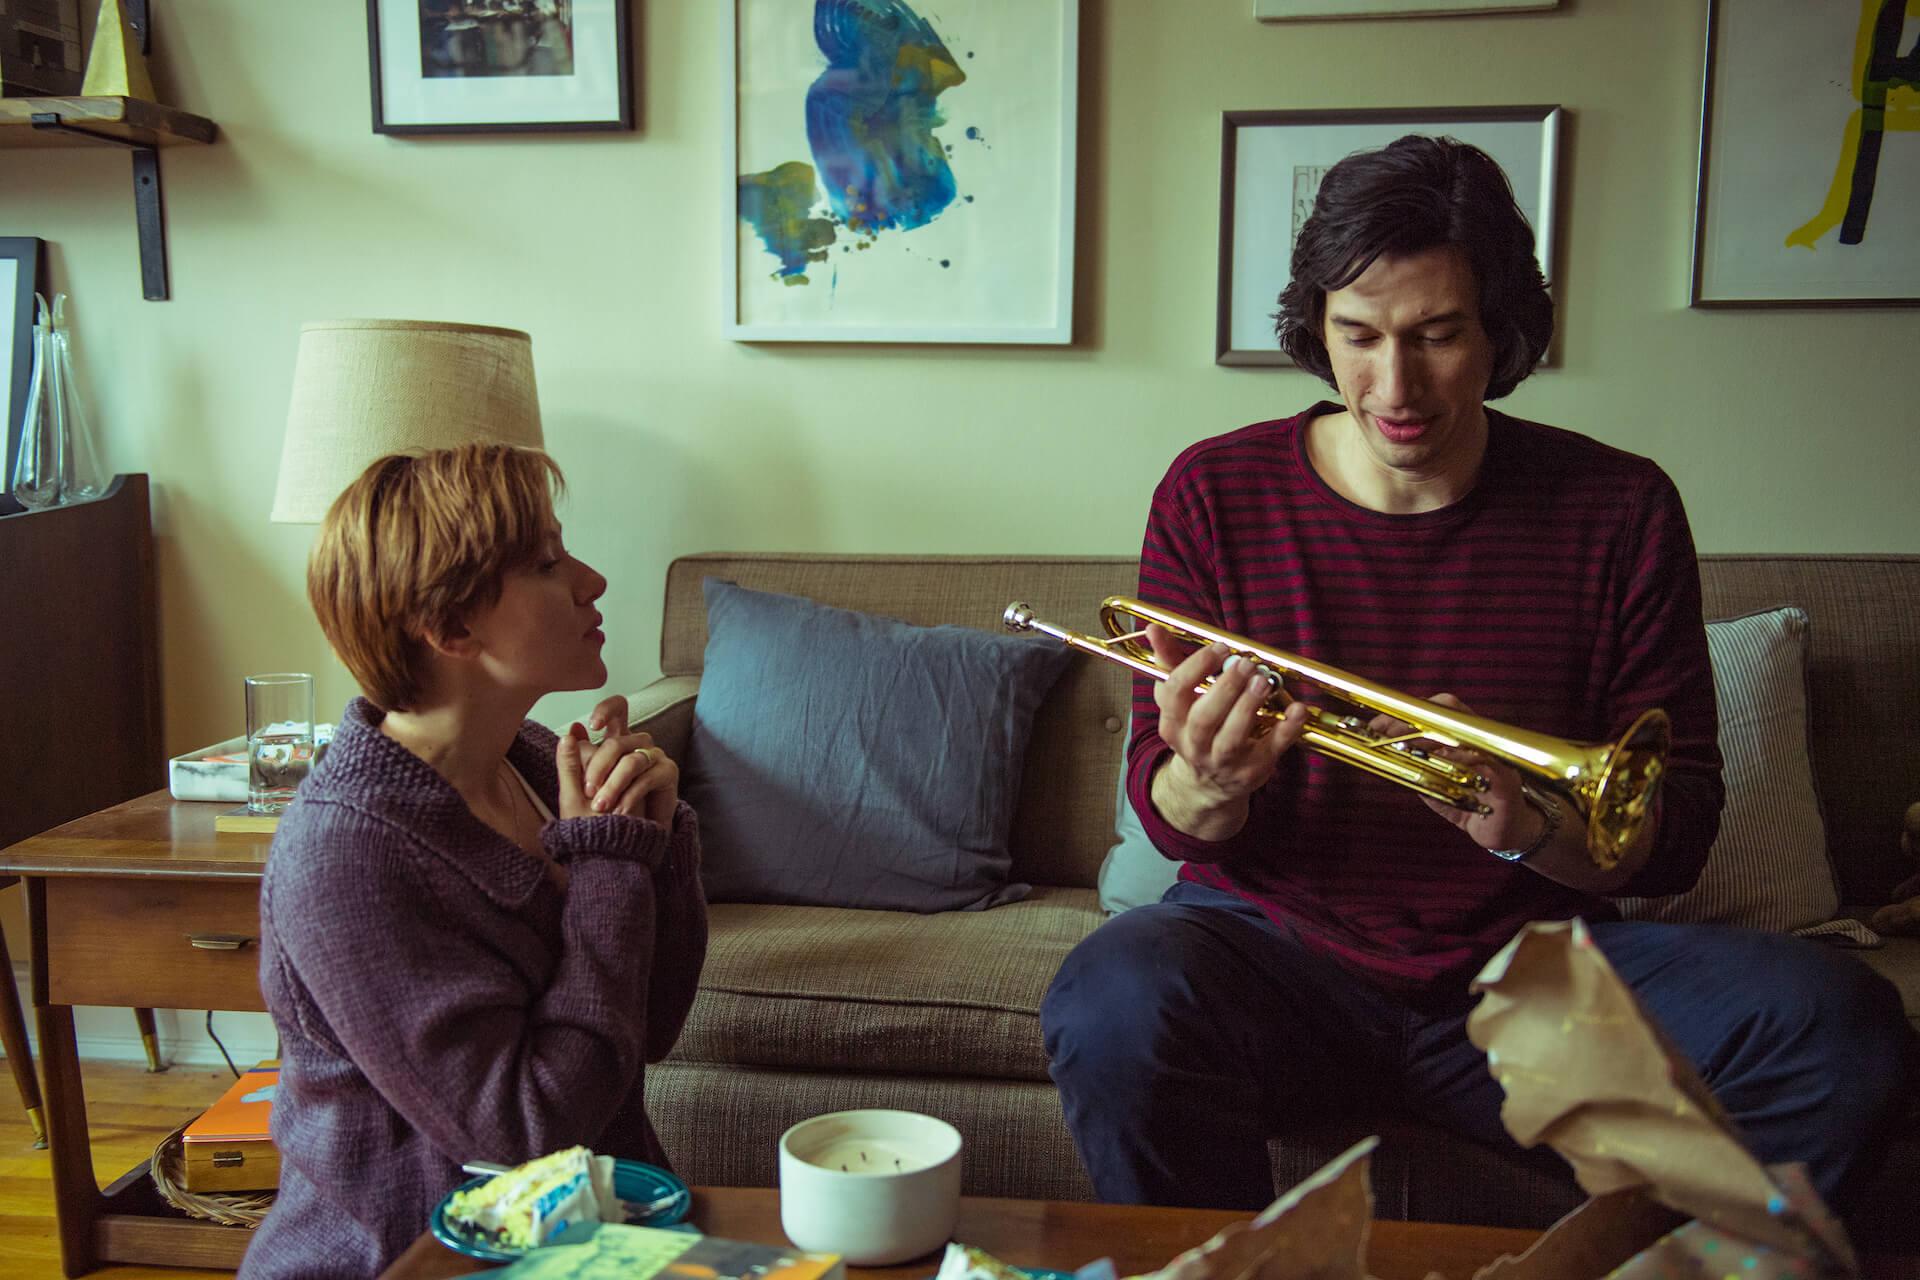 トム・ヨークやクラーク、El-Pなど、ミュージシャンが音楽を手掛けた映画8選/洋楽編 film210309-films-with-music-14